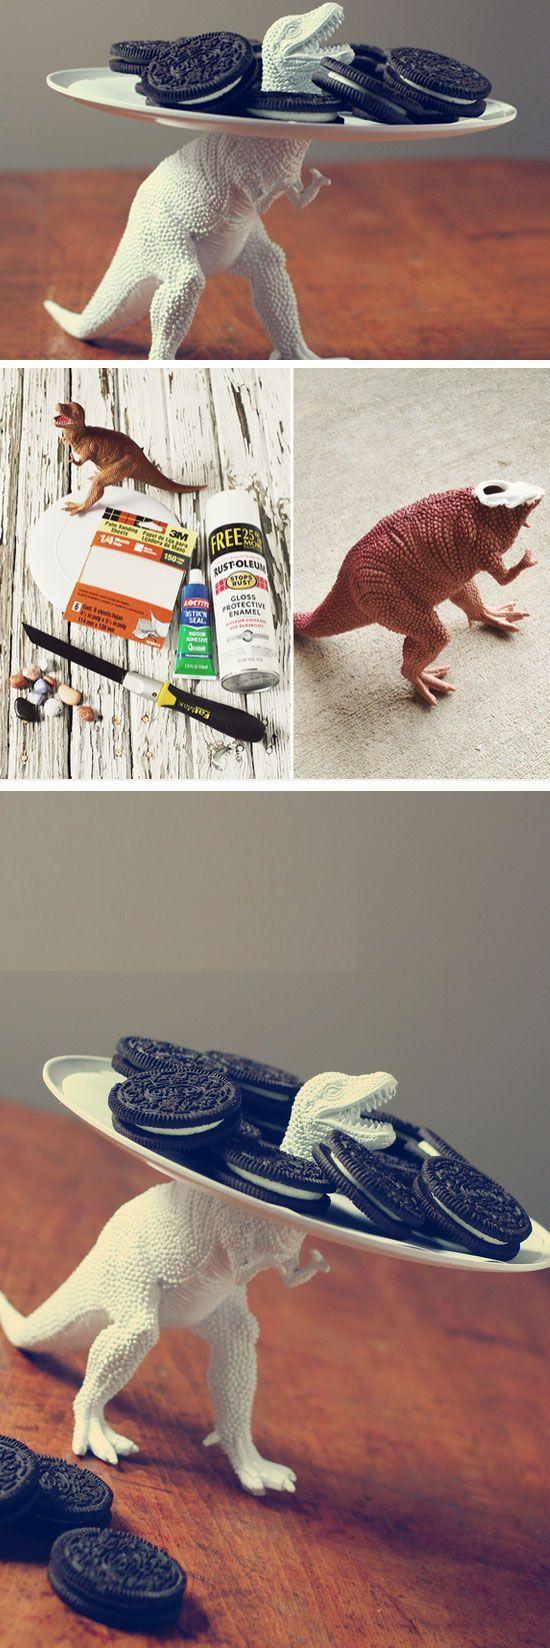 Dicas para renovar potes e pratos com bichinhos de plástico #dinosaurart